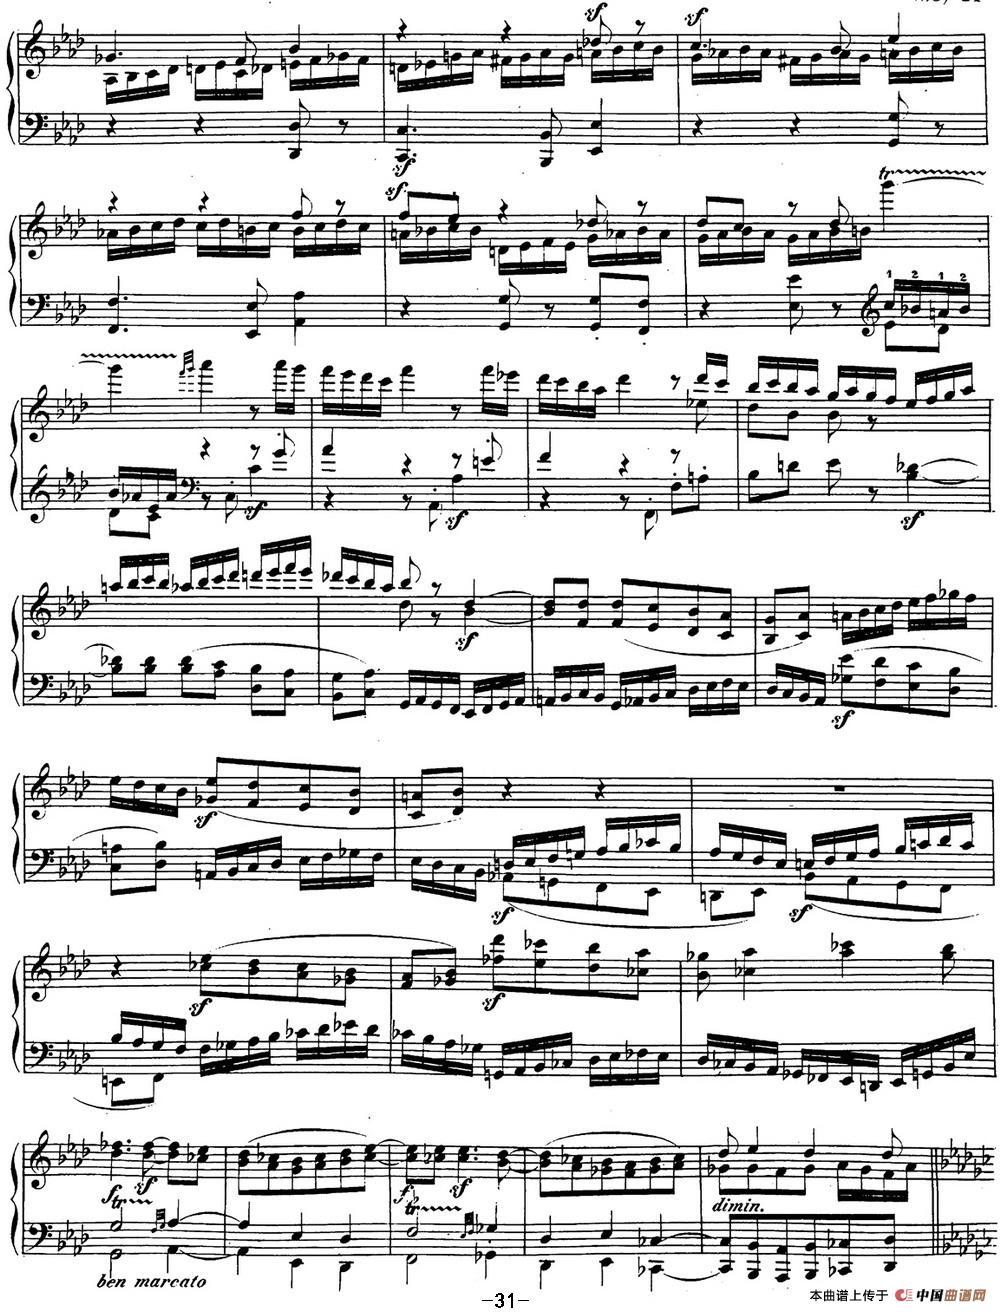 贝多芬钢琴奏鸣曲29 钢琴(锥子键琴)降B大调 Op.106 B-flat major(1)_原文件名:29 钢琴(锥子键琴)降B大调 Op106 B-flat major_页面_33.jpg